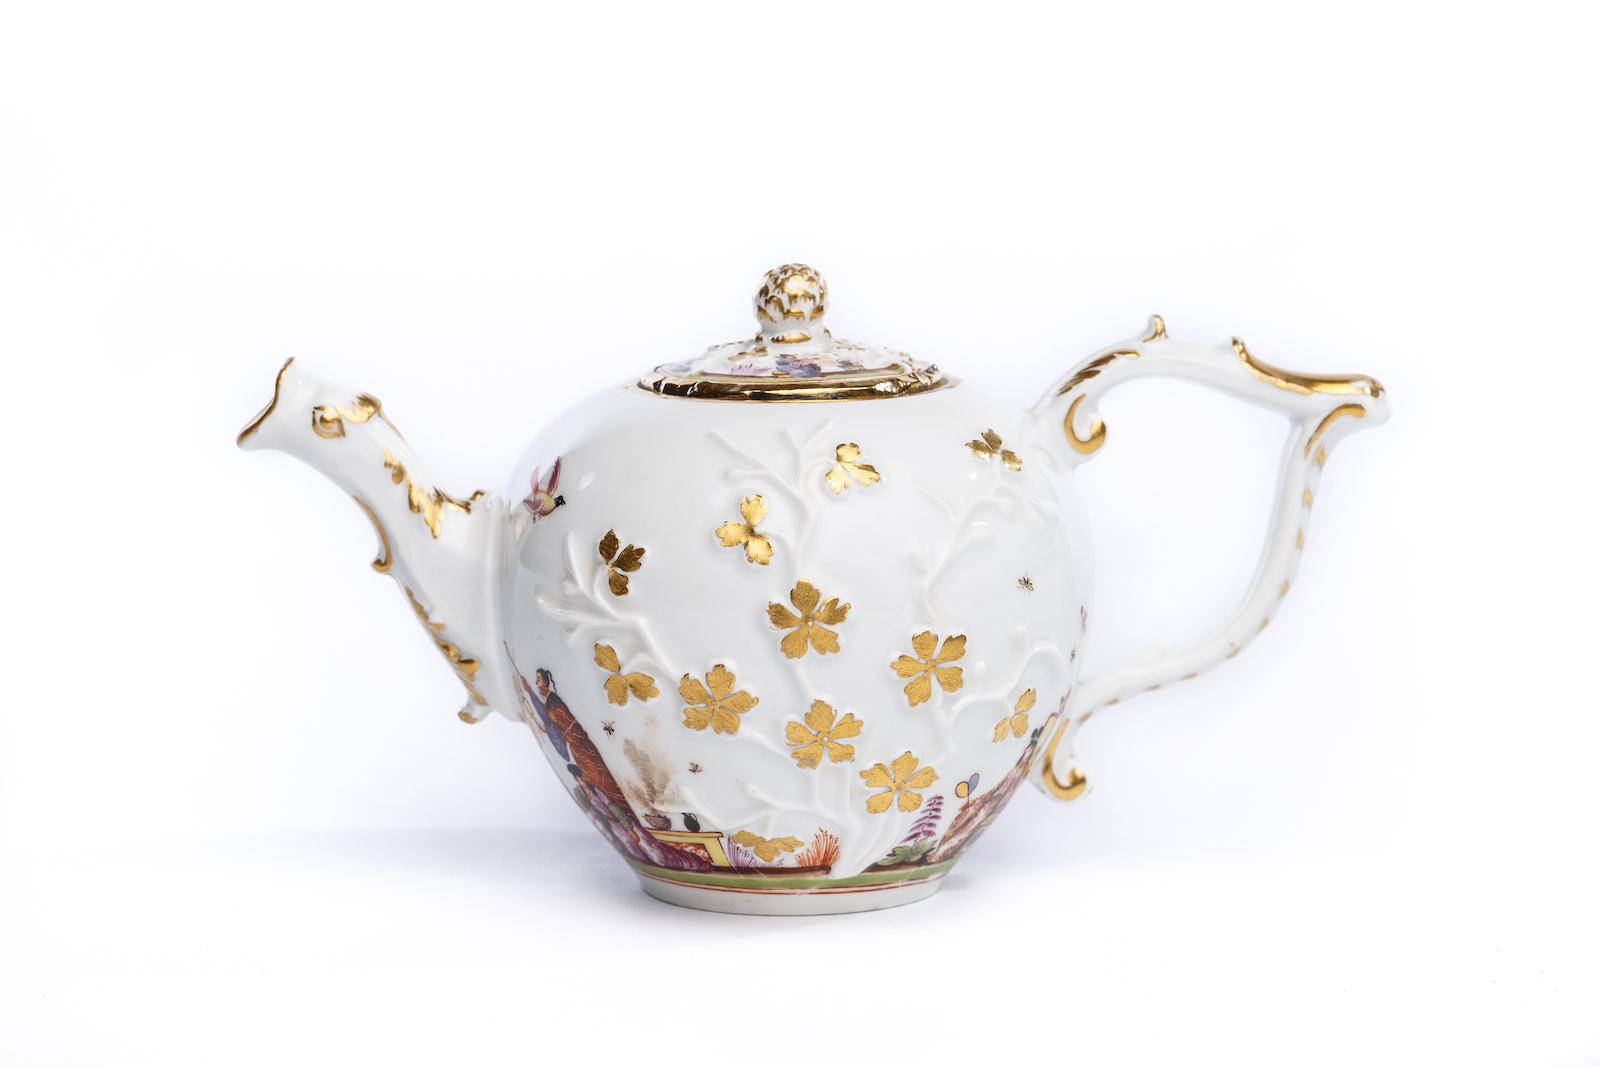 #40 Teekanne, Meissen 1730 | A teapot with Image